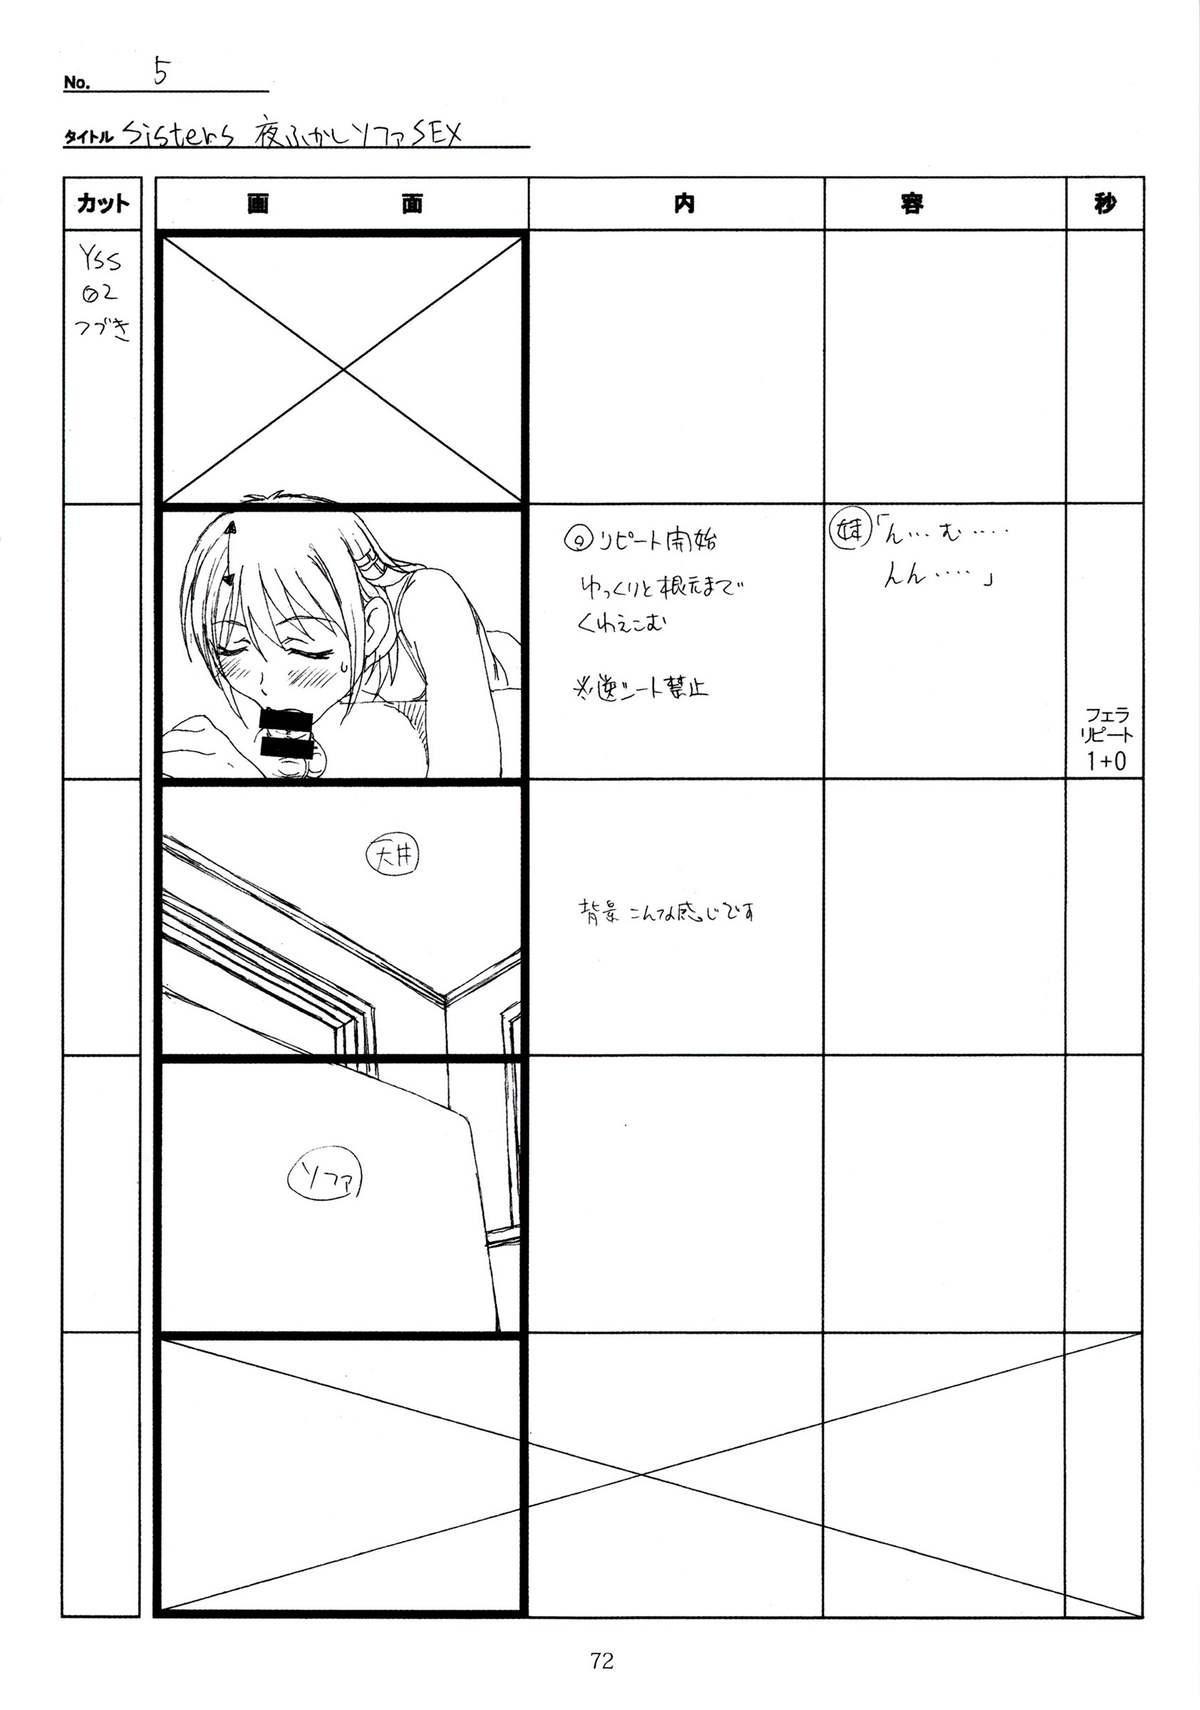 (C89) [Makino Jimusho (Taki Minashika)] SISTERS -Natsu no Saigo no Hi- H Scene All Part Storyboard (SISTERS -Natsu no Saigo no Hi-) 71